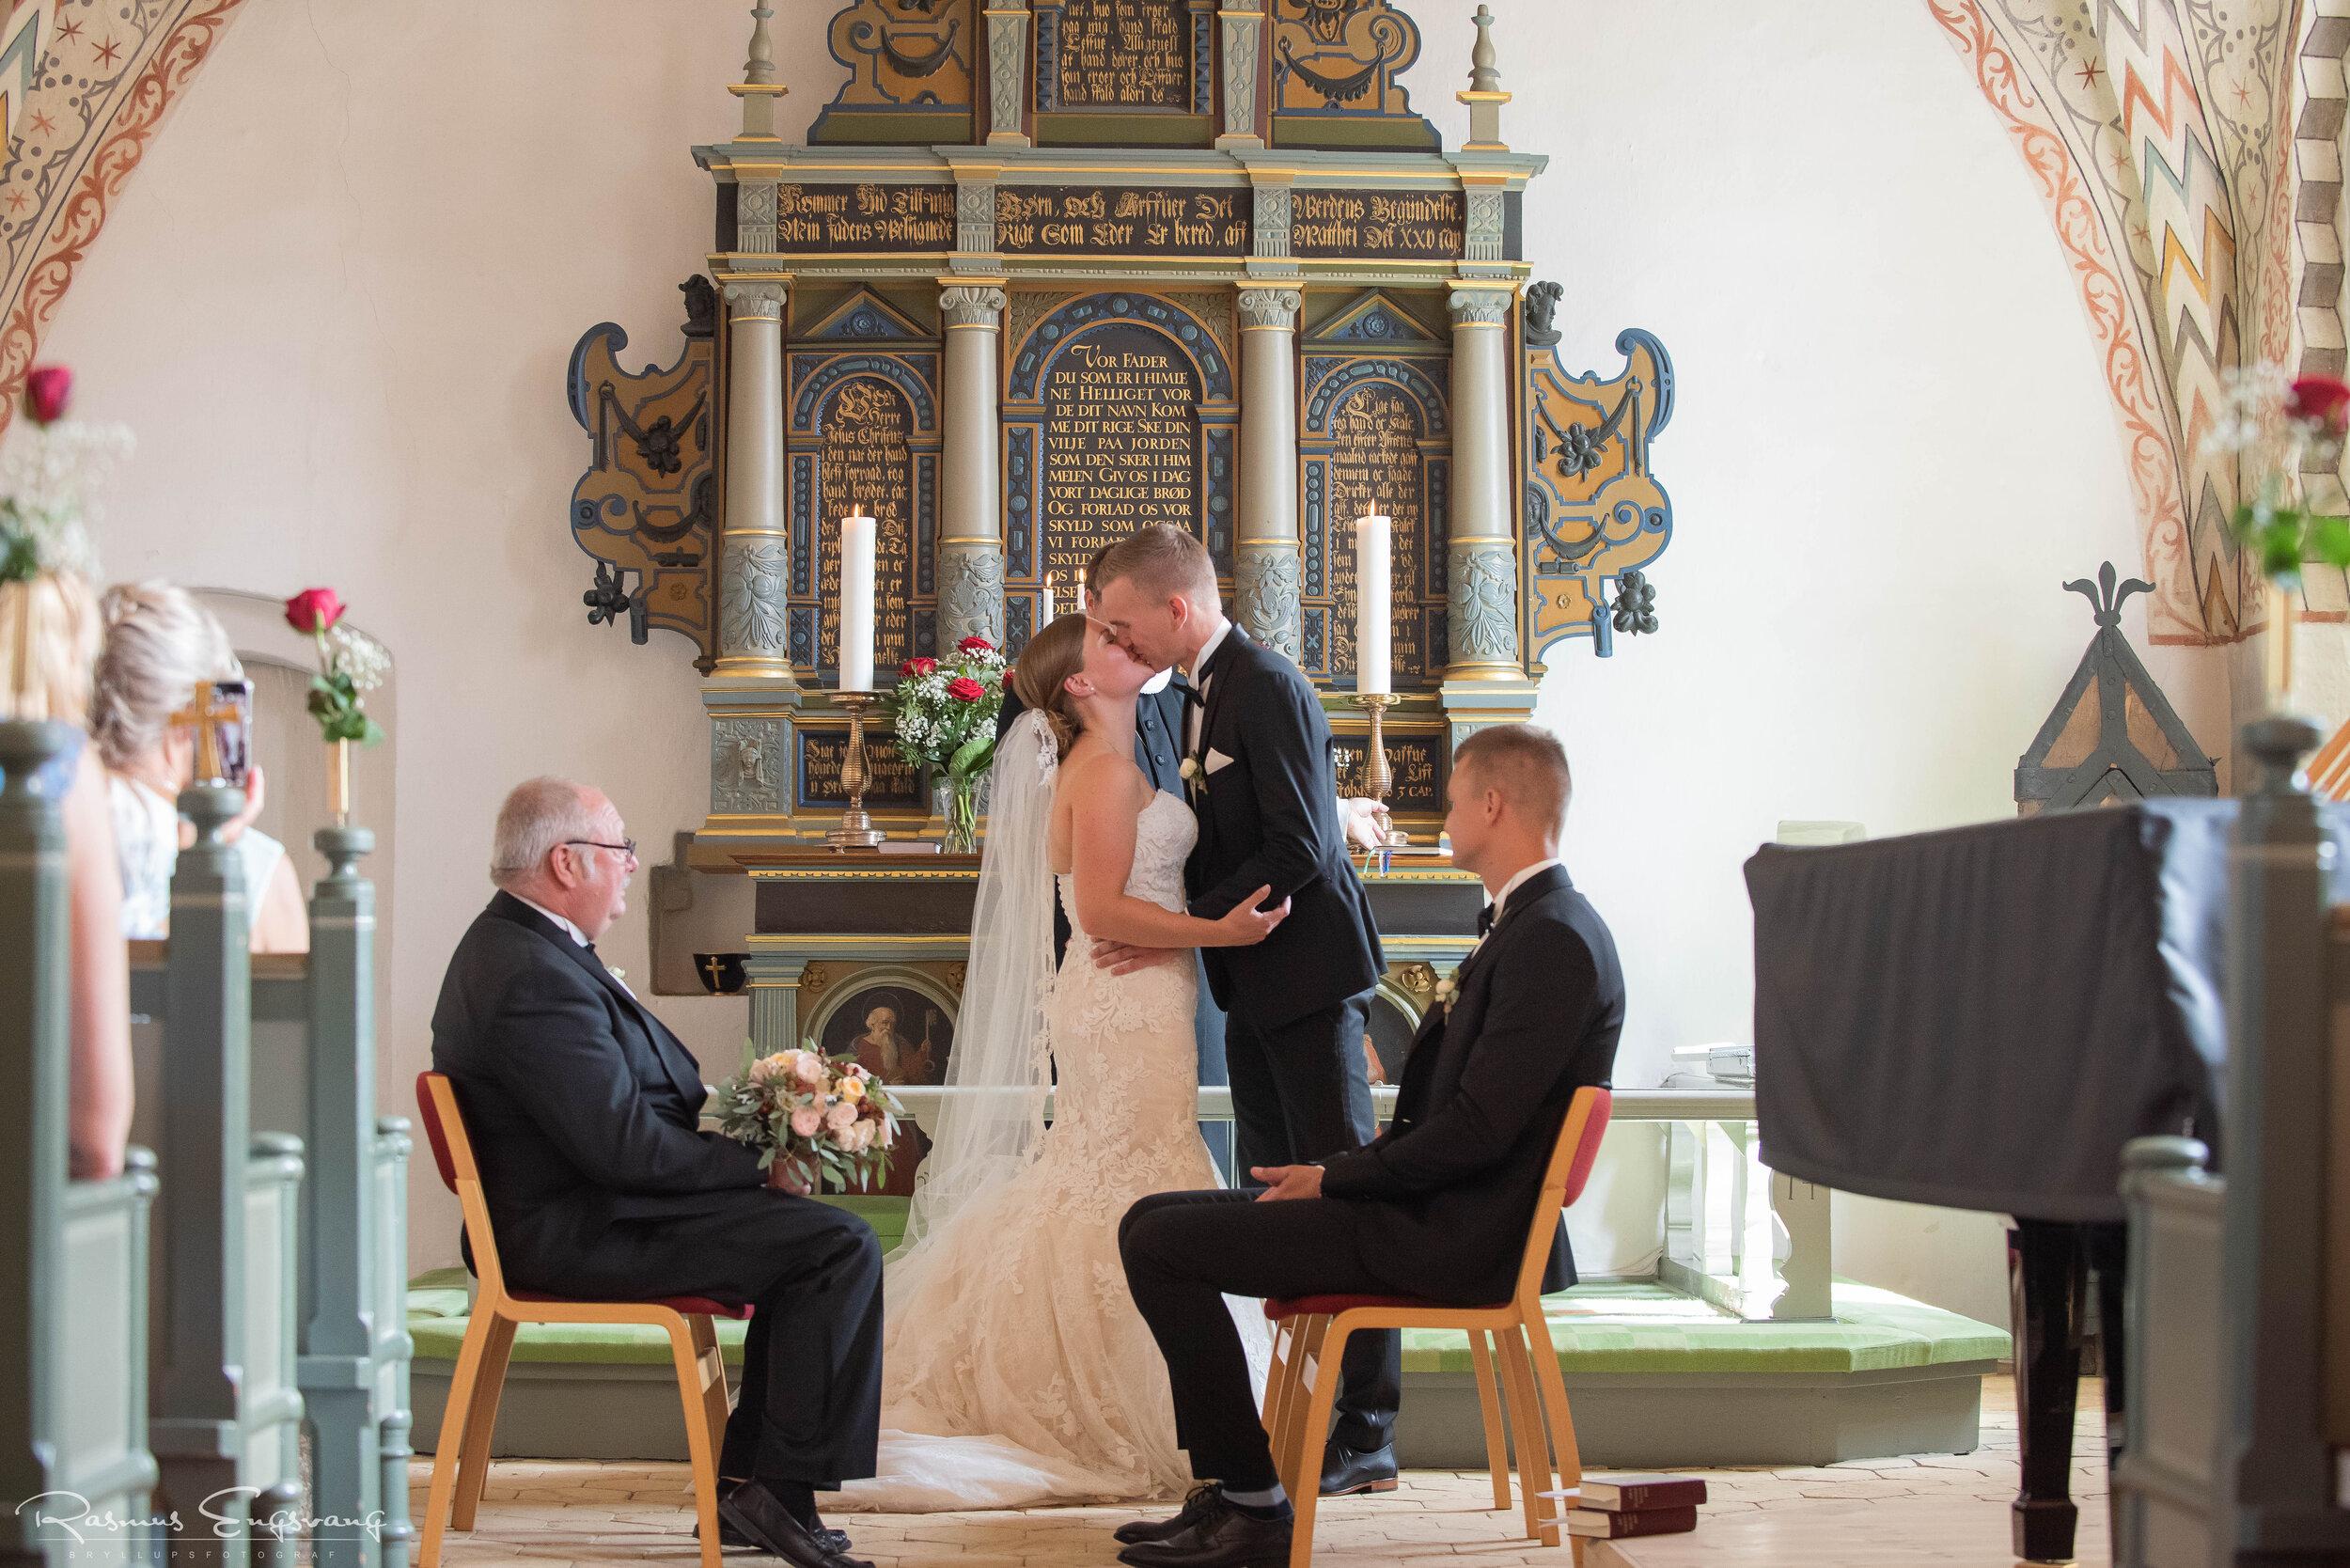 Bryllupsfotograf_Sjælland_Humleorehus_Vigersted-110.jpg